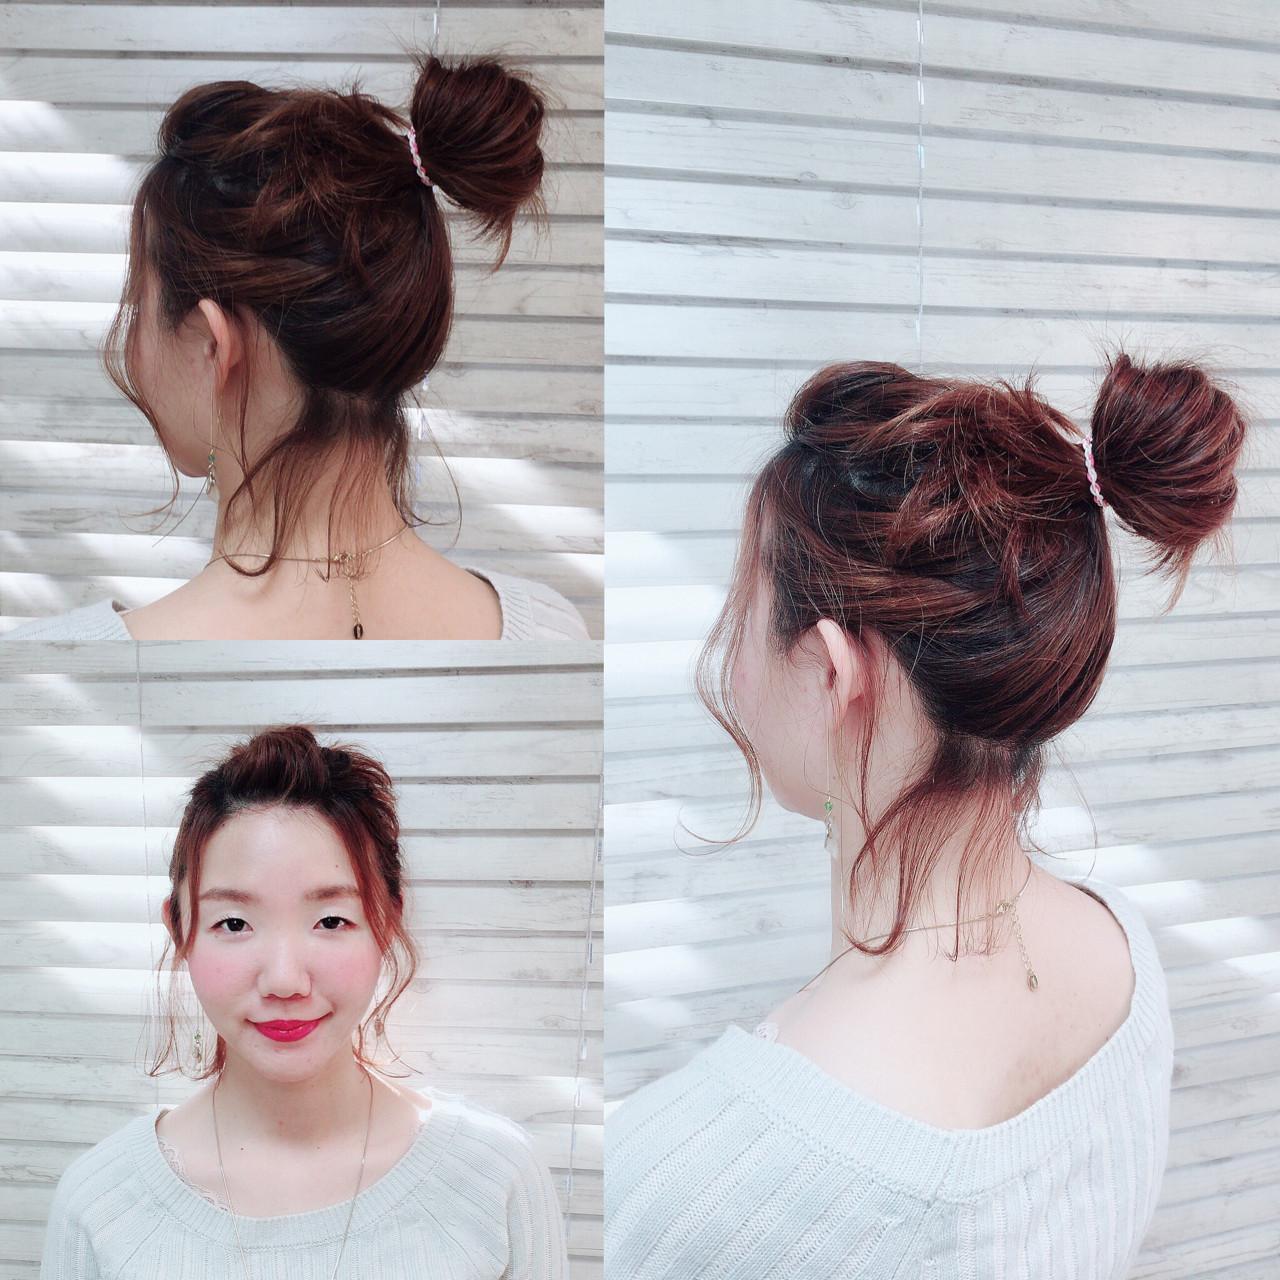 ヘアアレンジ 簡単ヘアアレンジ 伸ばしかけ ボブ ヘアスタイルや髪型の写真・画像